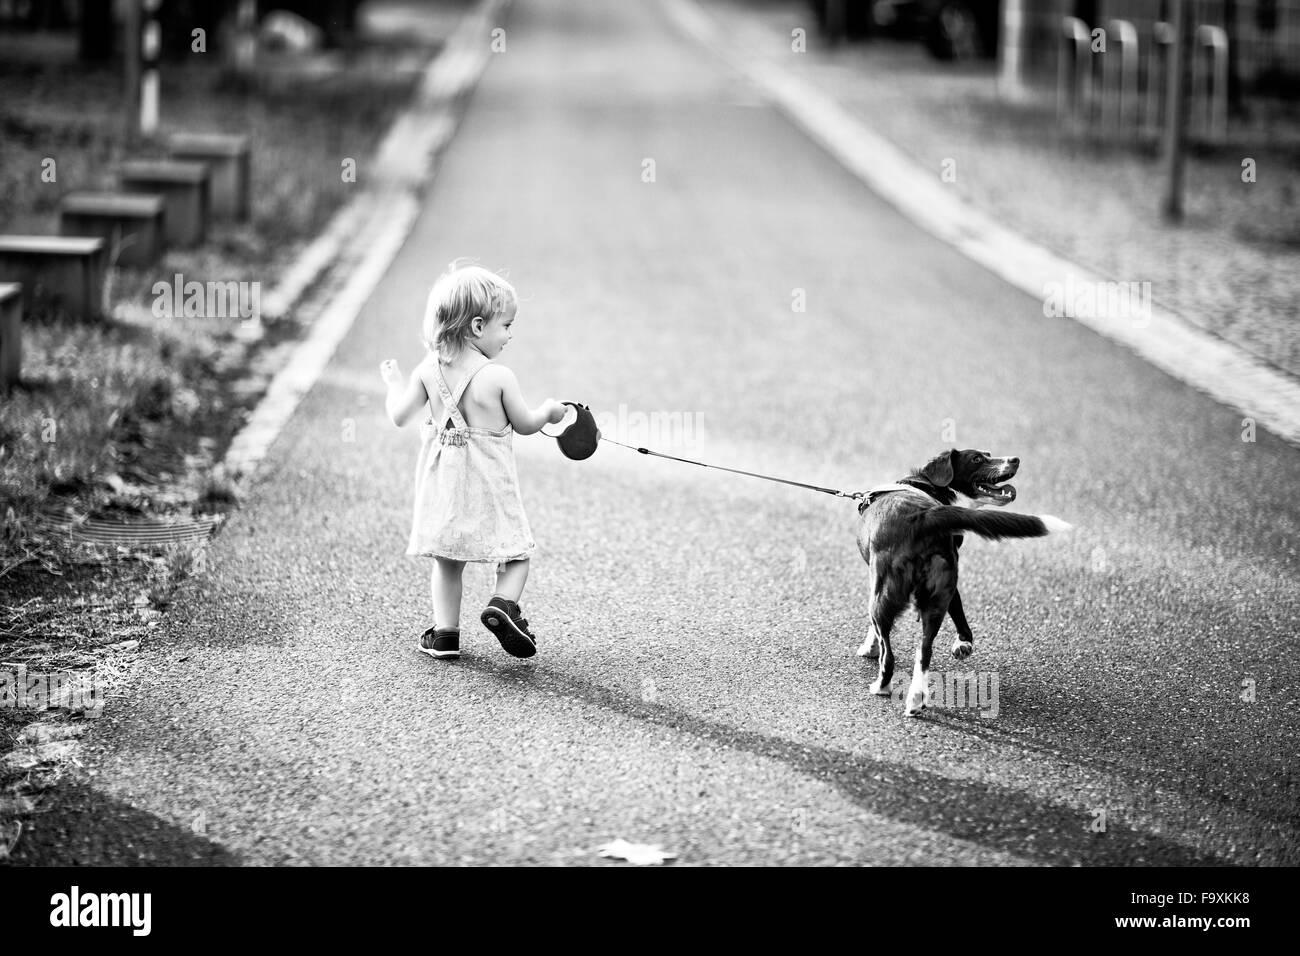 Vista posterior de la niña caminaba por la calle con su perro Imagen De Stock